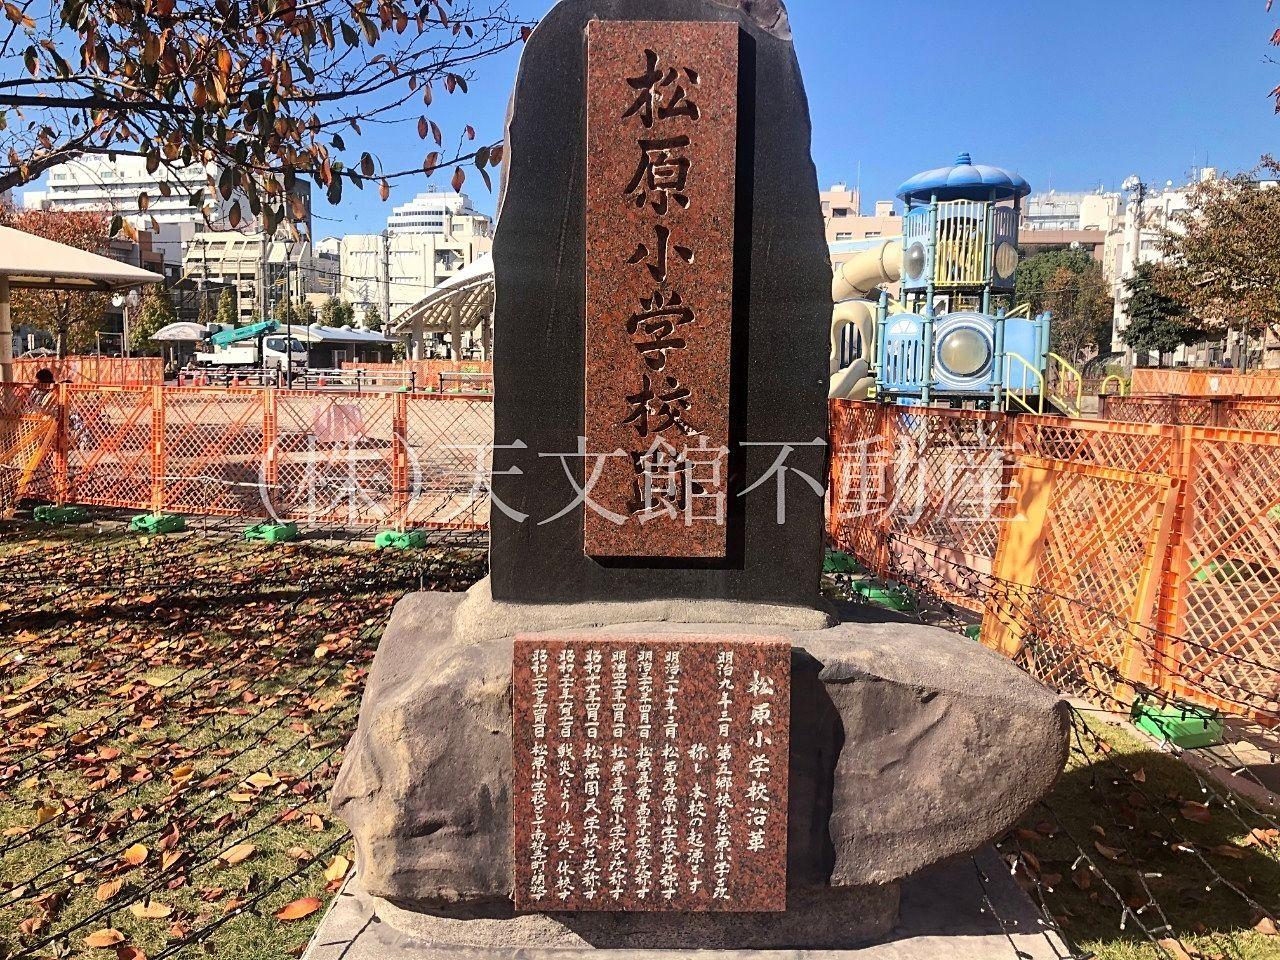 鹿児島市千日町の天文館公園は松原小学校だったらしい。